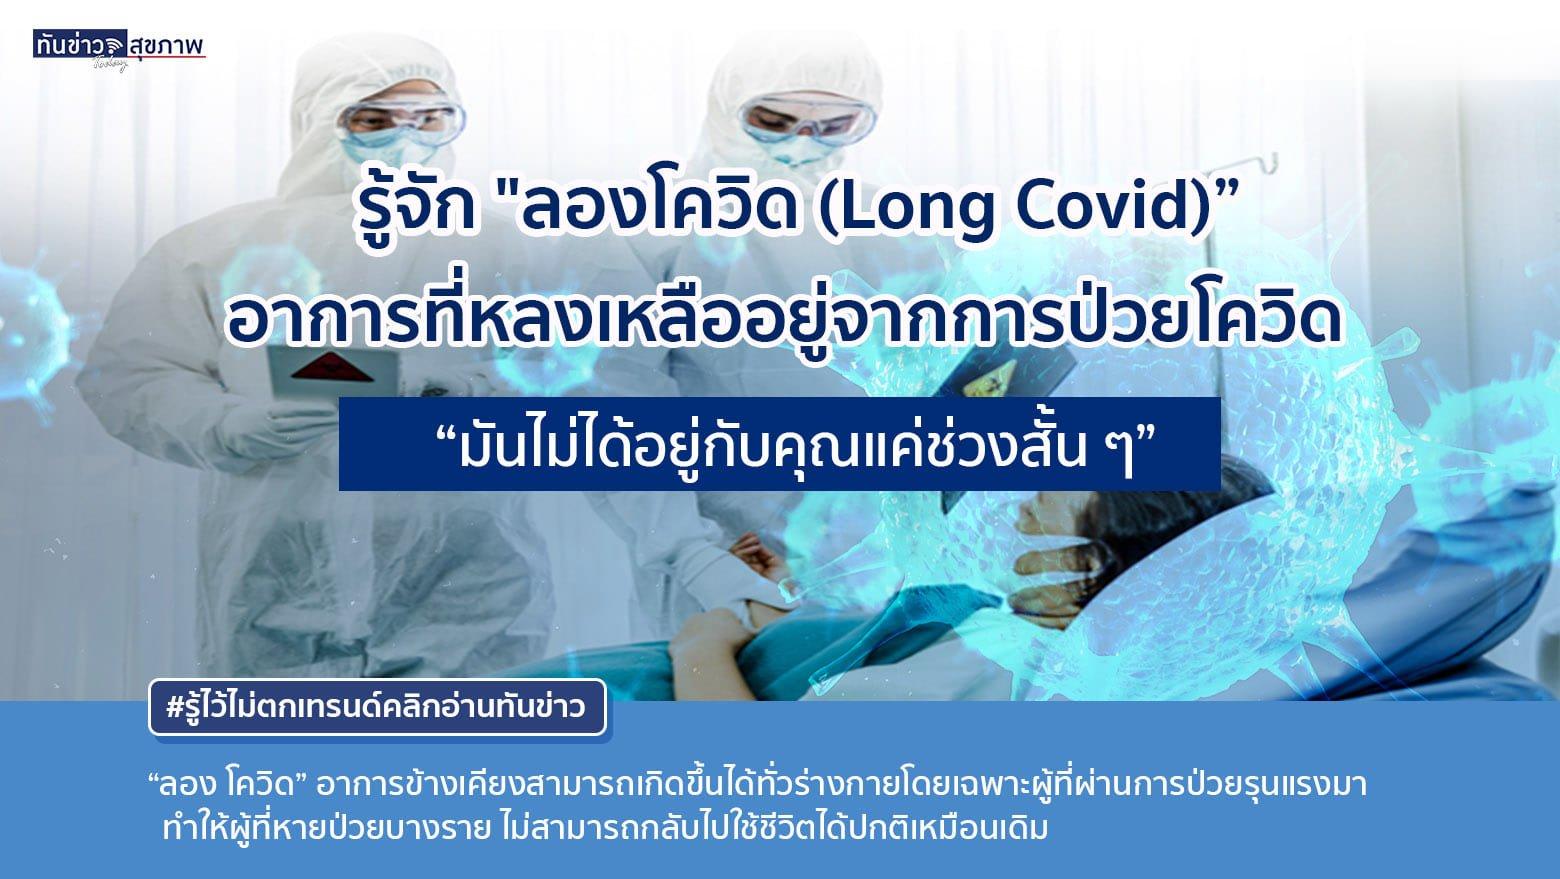 """รู้จัก """"Long Covid"""" อาการที่ตามมาหลังหายป่วยจากโควิด-19 """"มันไม่ได้อยู่กับคุณแค่ช่วงสั้นๆ"""""""